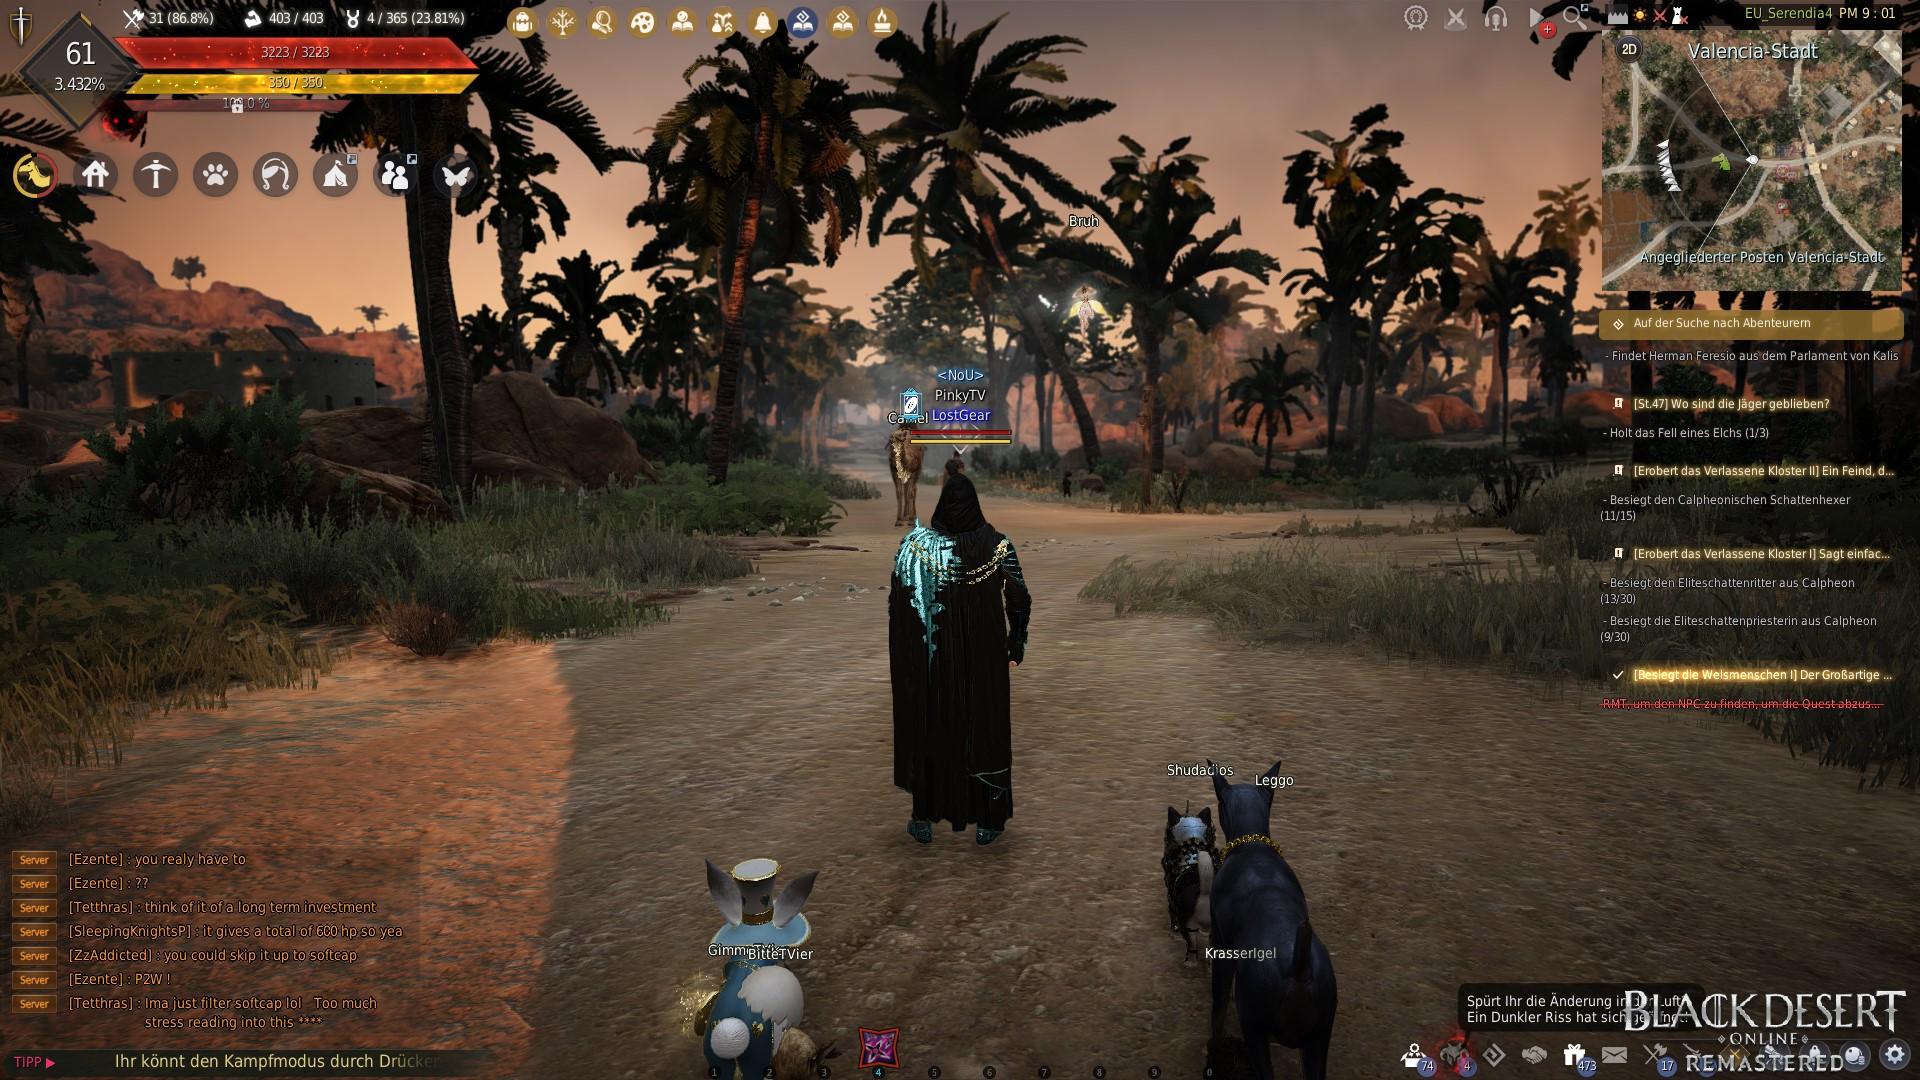 Black Desert Online standard UI